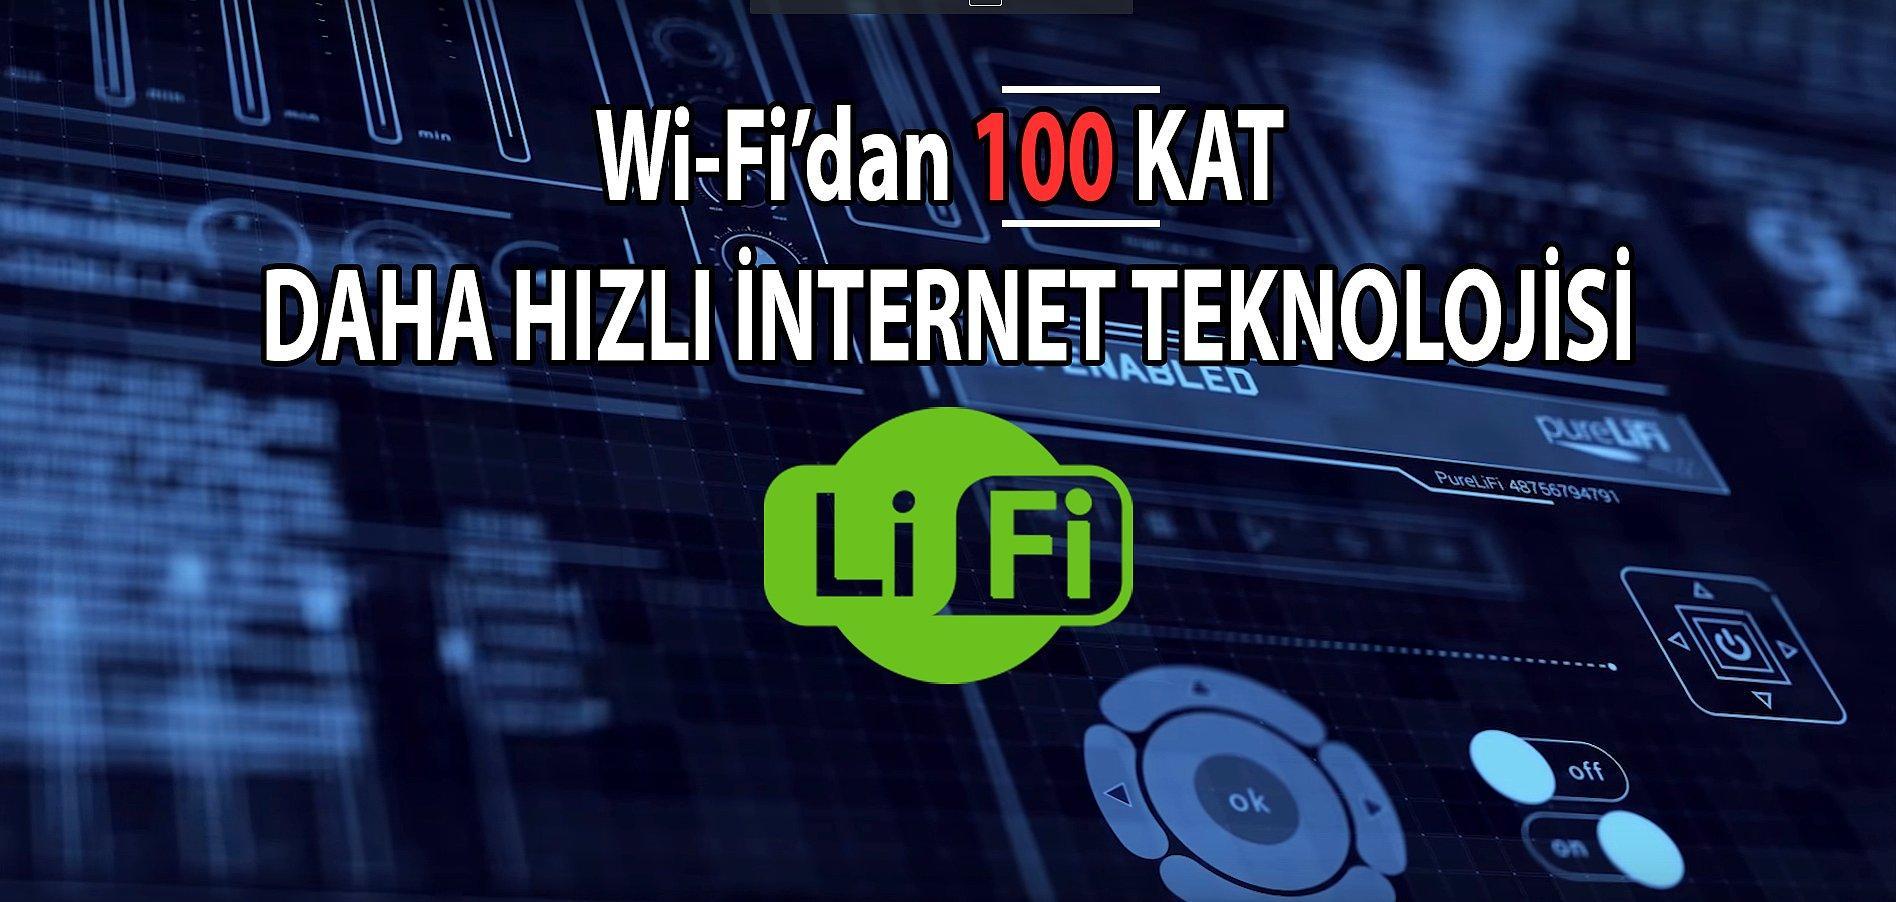 Hızlı Wi Fidan 100 Kat Daha Hızlı Teknoloji Işık Hızında Yeni